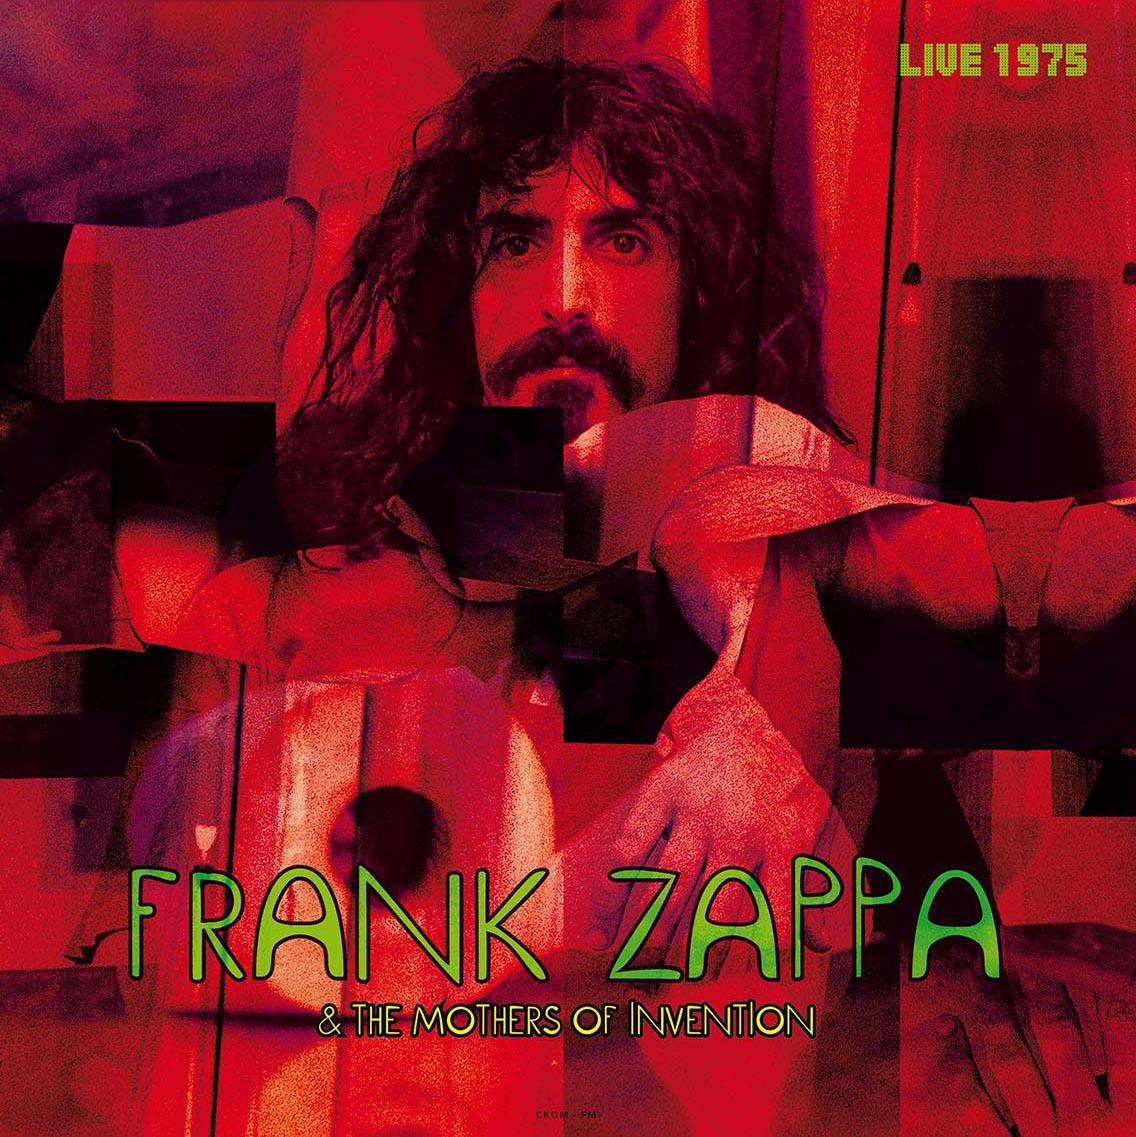 Frank Zappa/LIVE VANCOUVER '75(180g) DLP